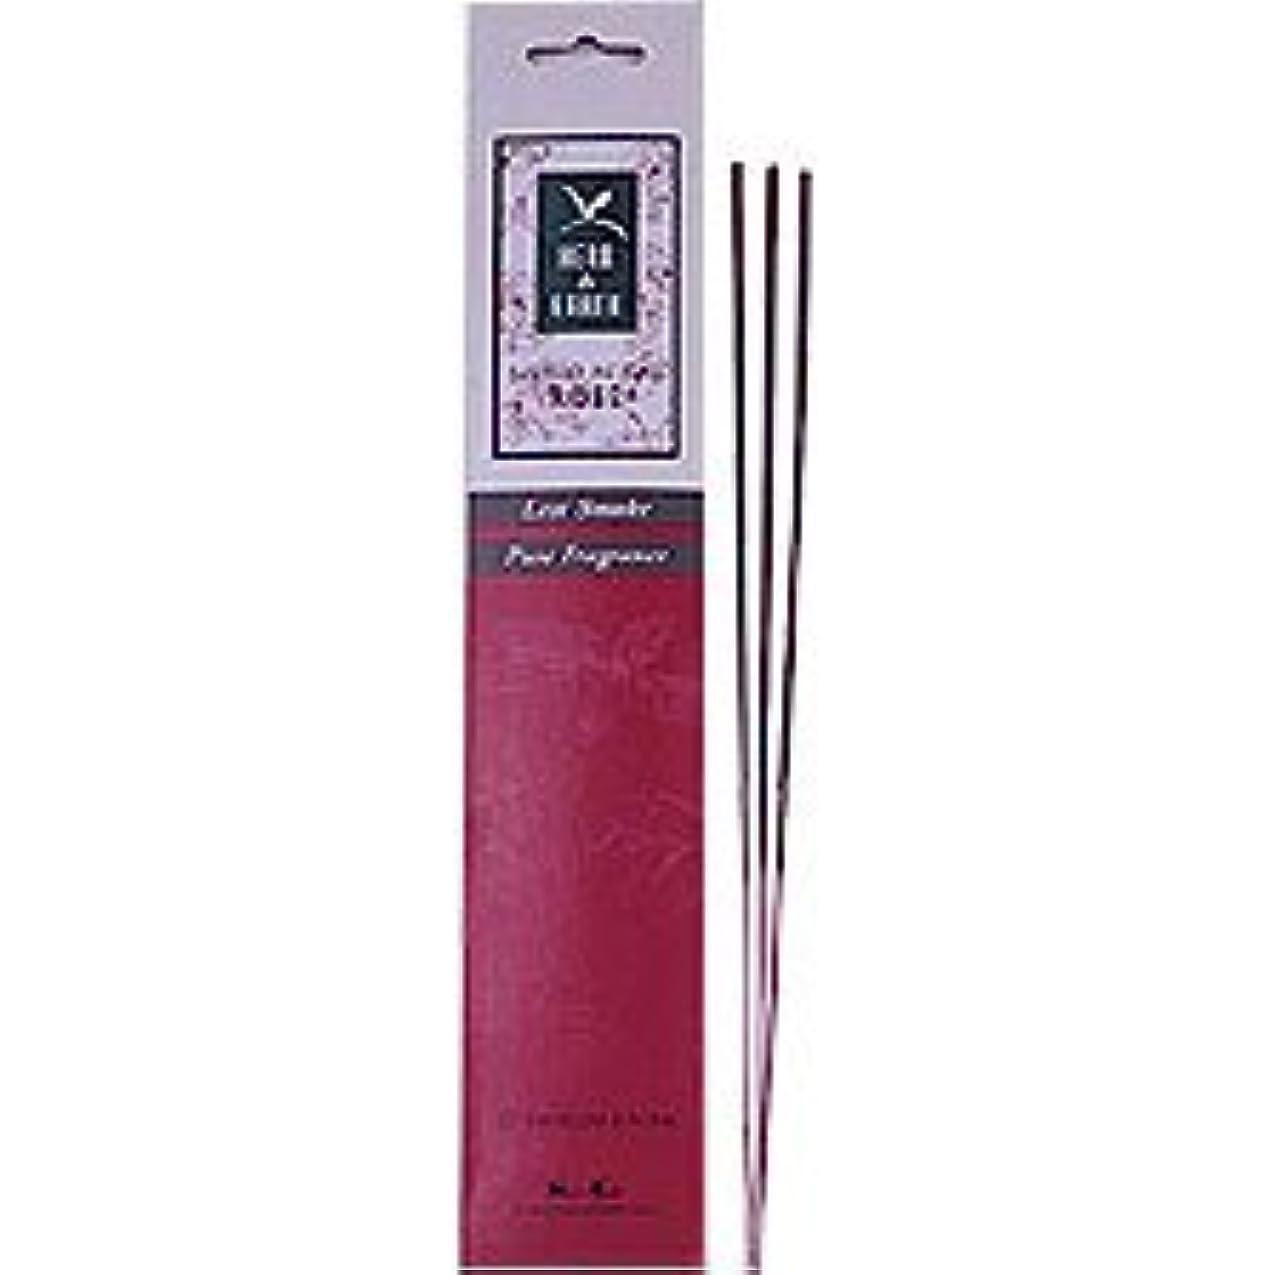 不公平遺棄された退却ローズ – Herb and Earth IncenseからNippon Kodo – 20スティックパッケージ